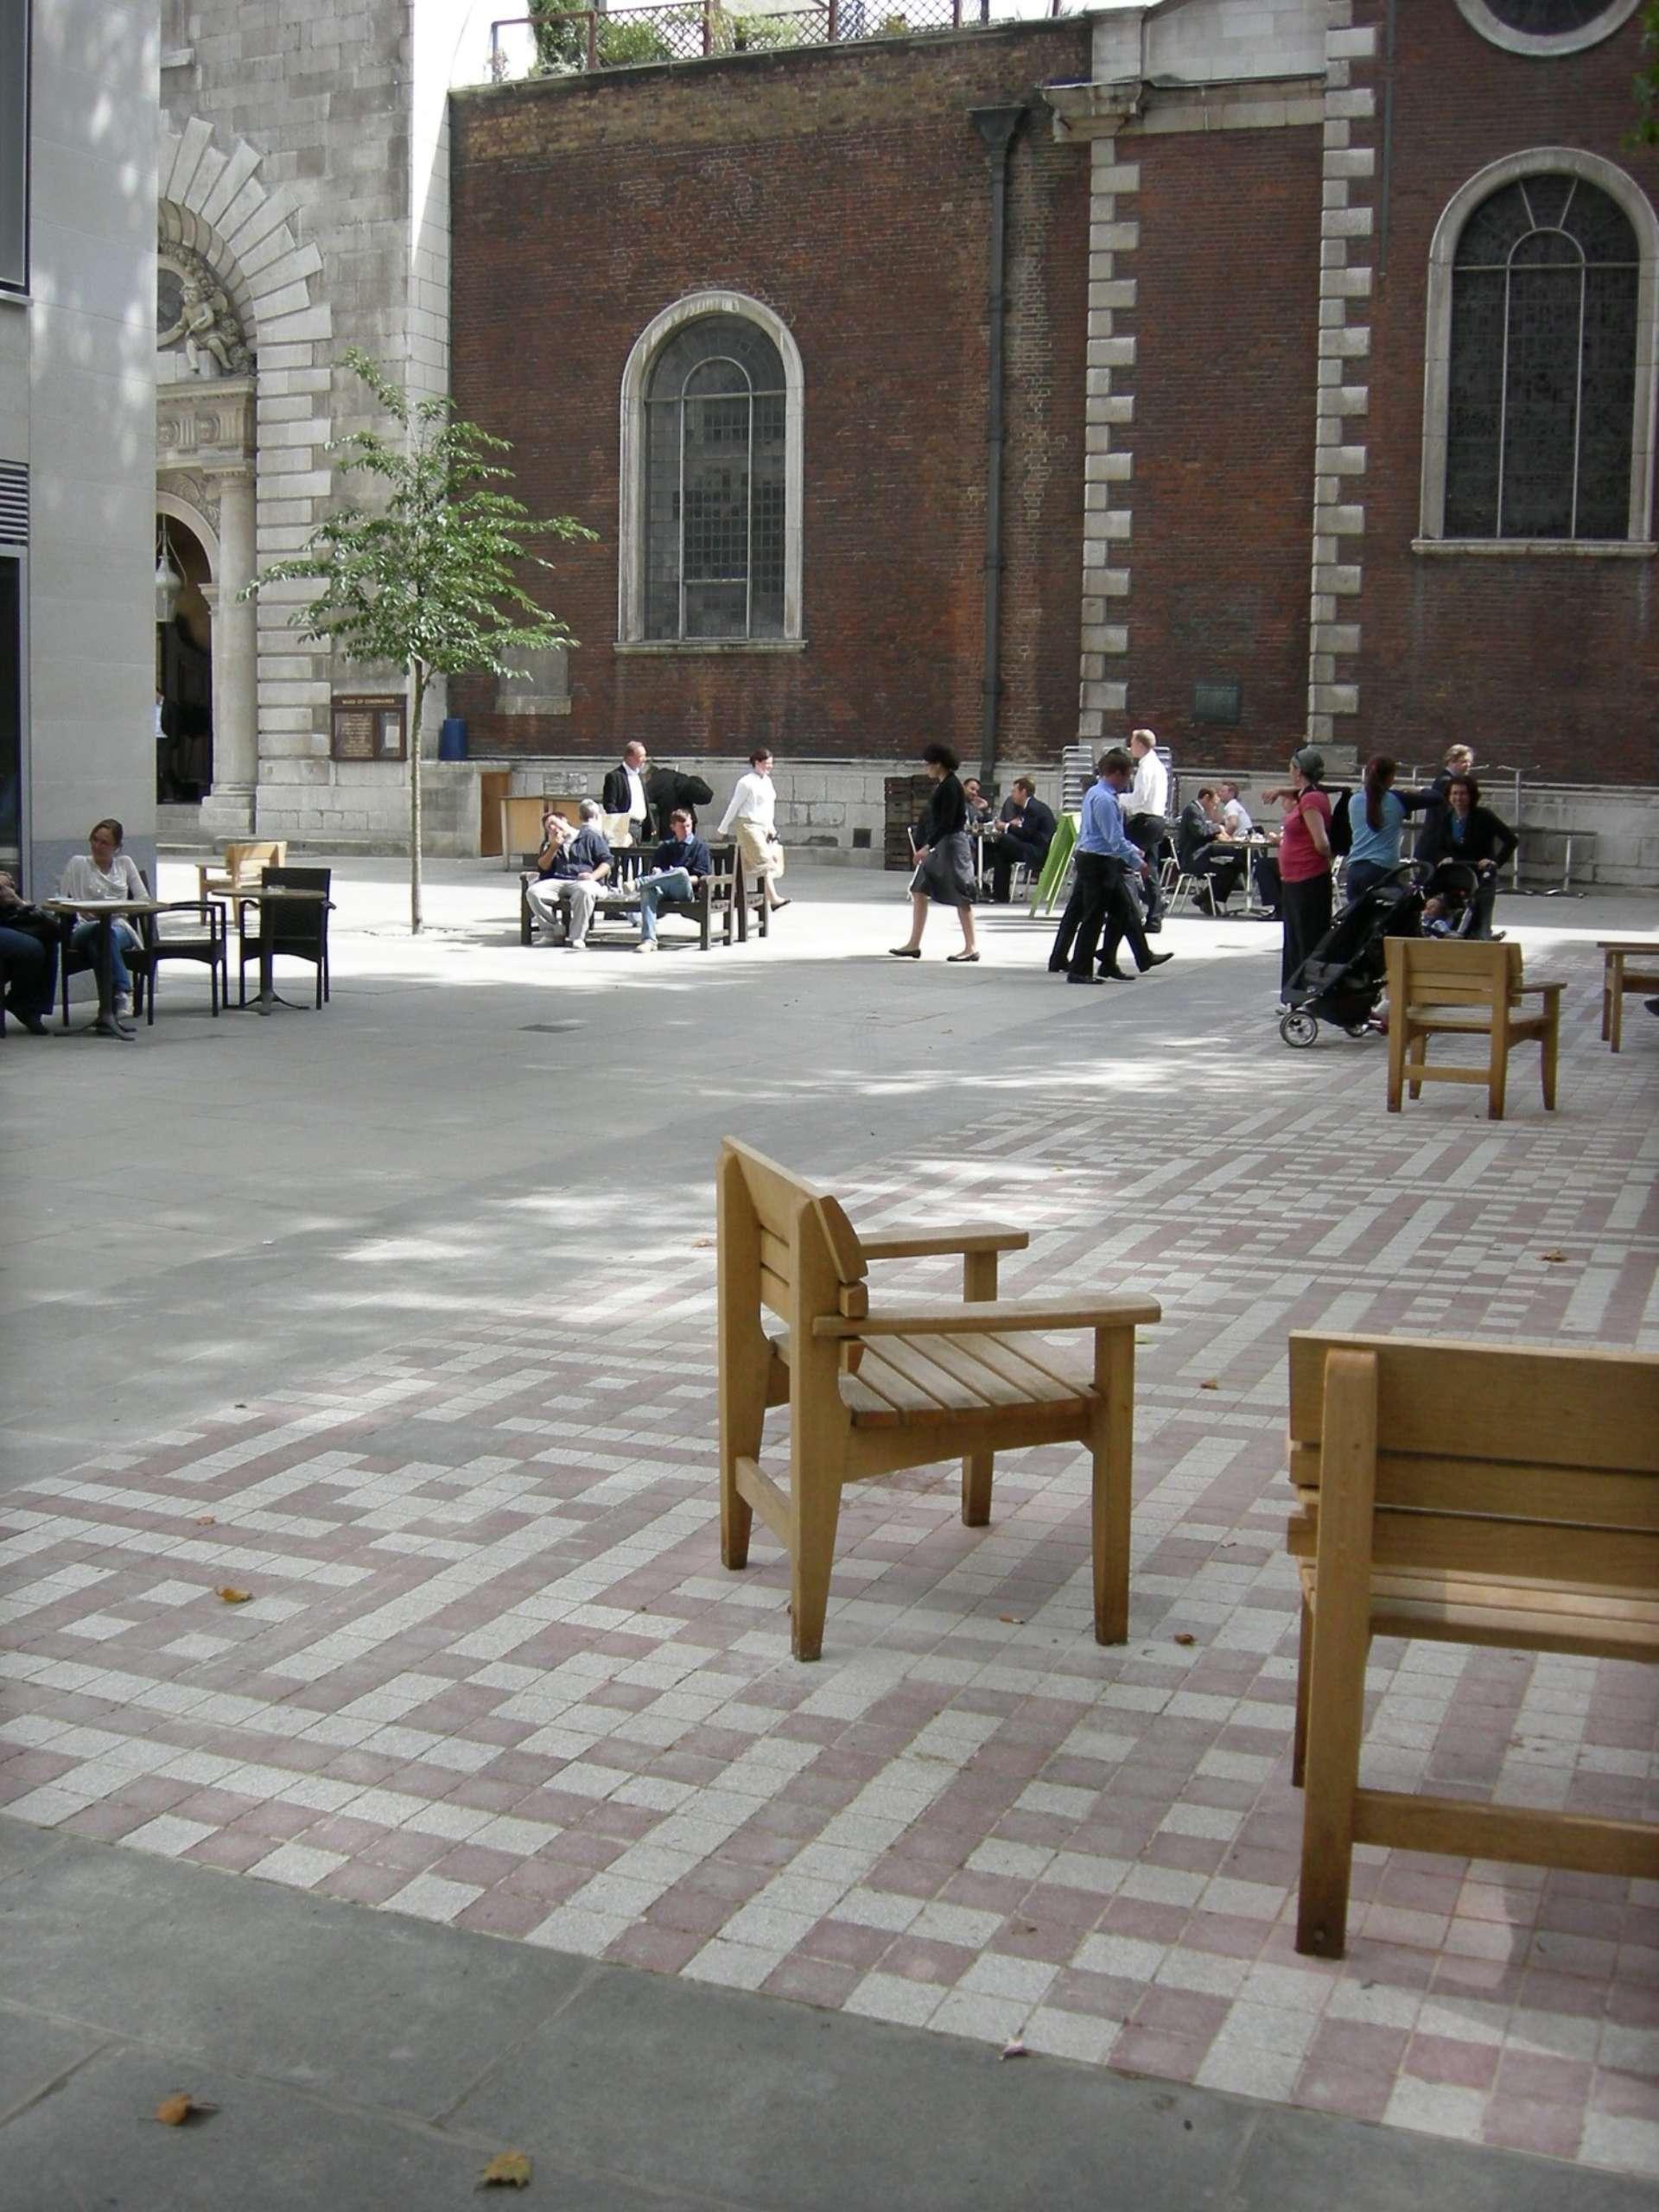 Bow Churchyard, City of London